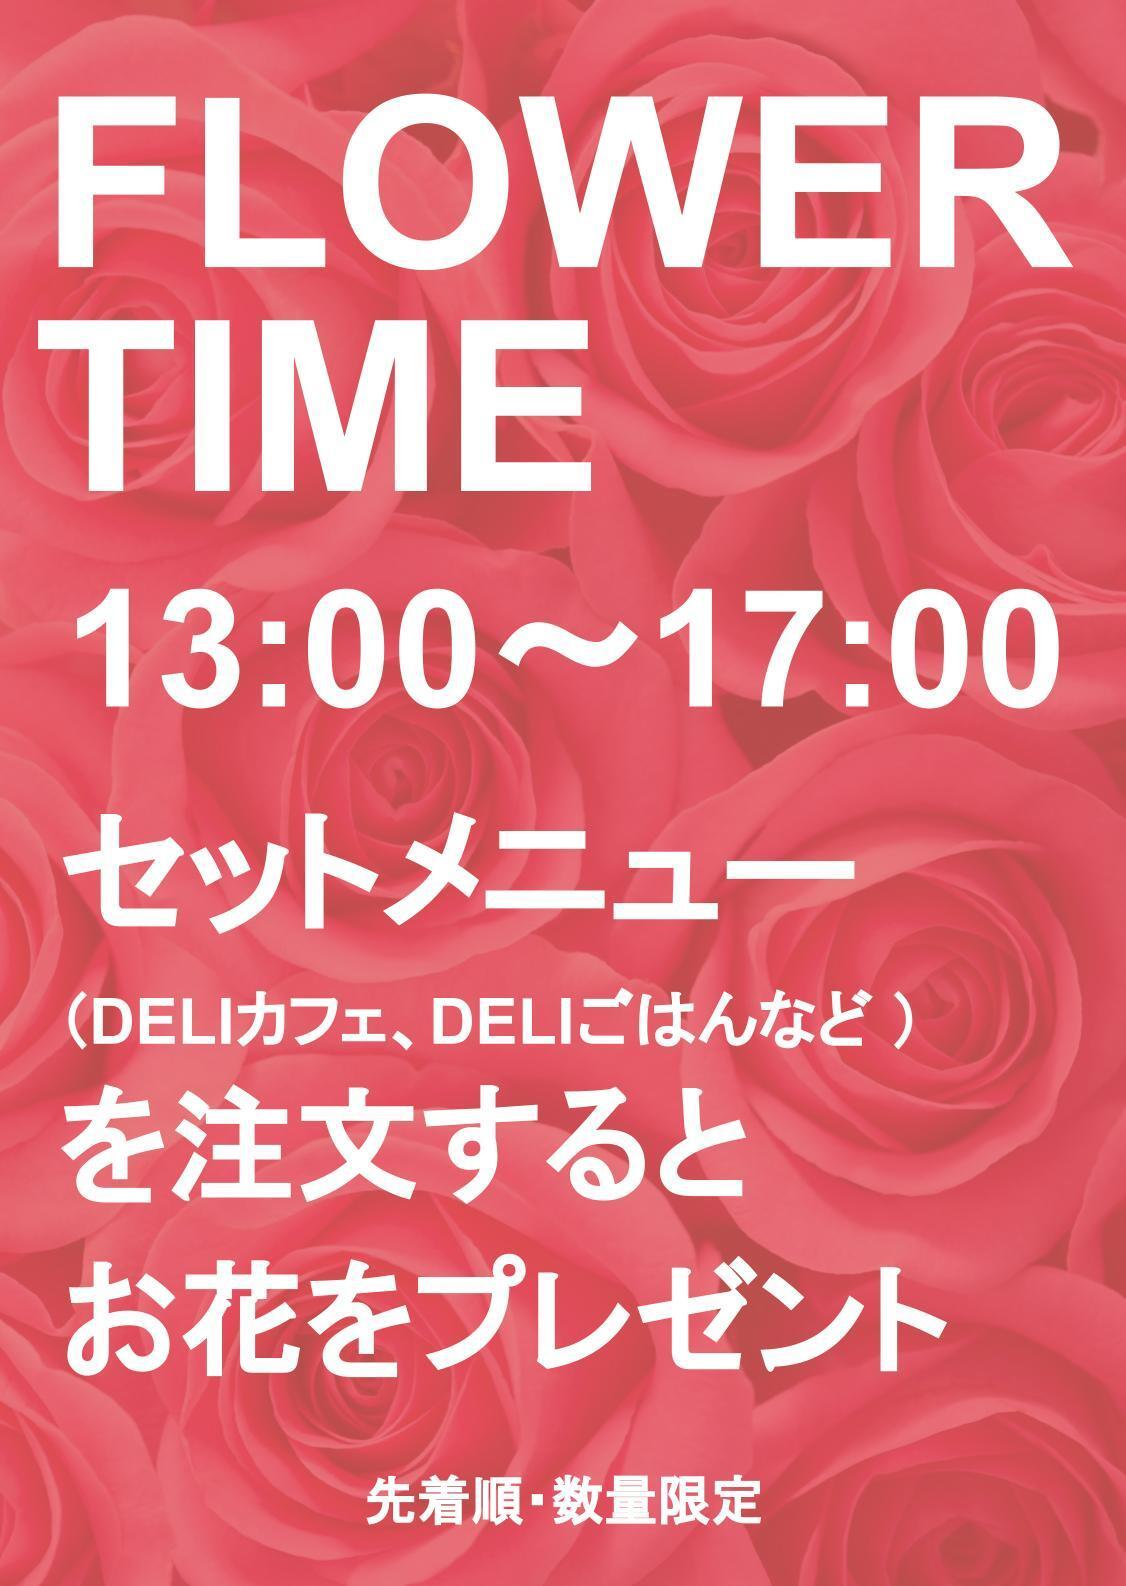 くらしに花を!FLOWER TIME 話題の人気サービス。数量限定、先着順。